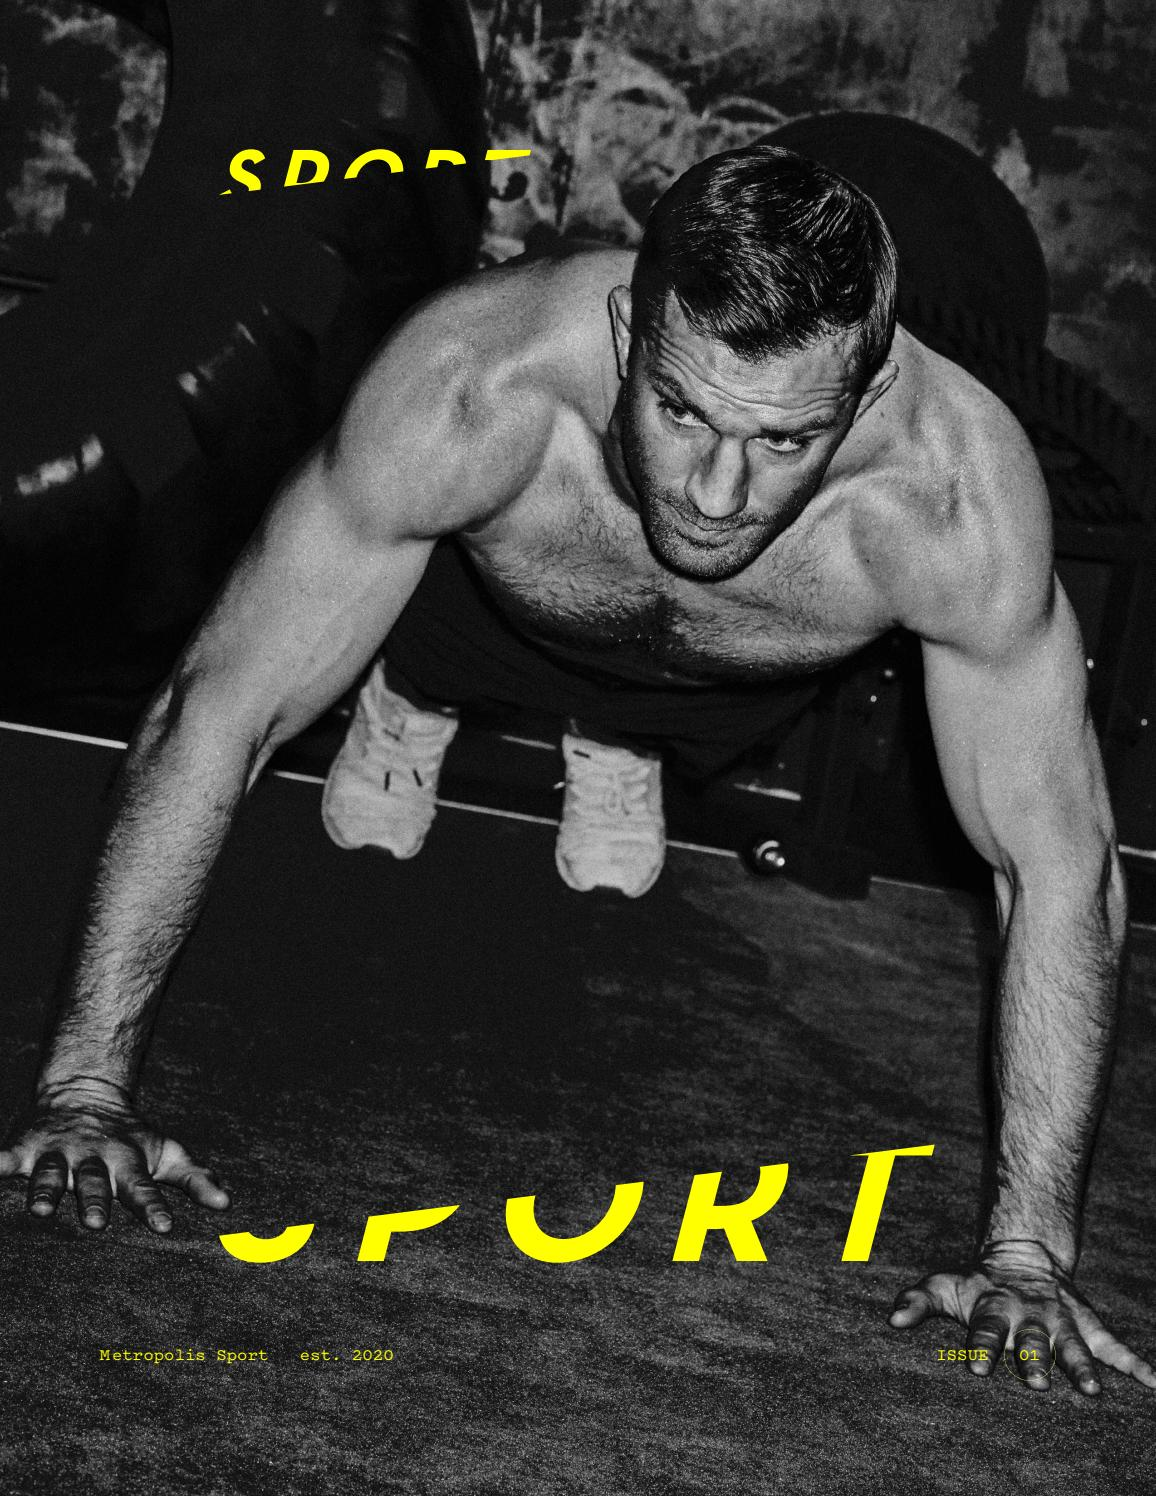 Gym Vest ADMIRING BRO? WWE MMa Bodybuilder UFC Dwayne Johnson weight